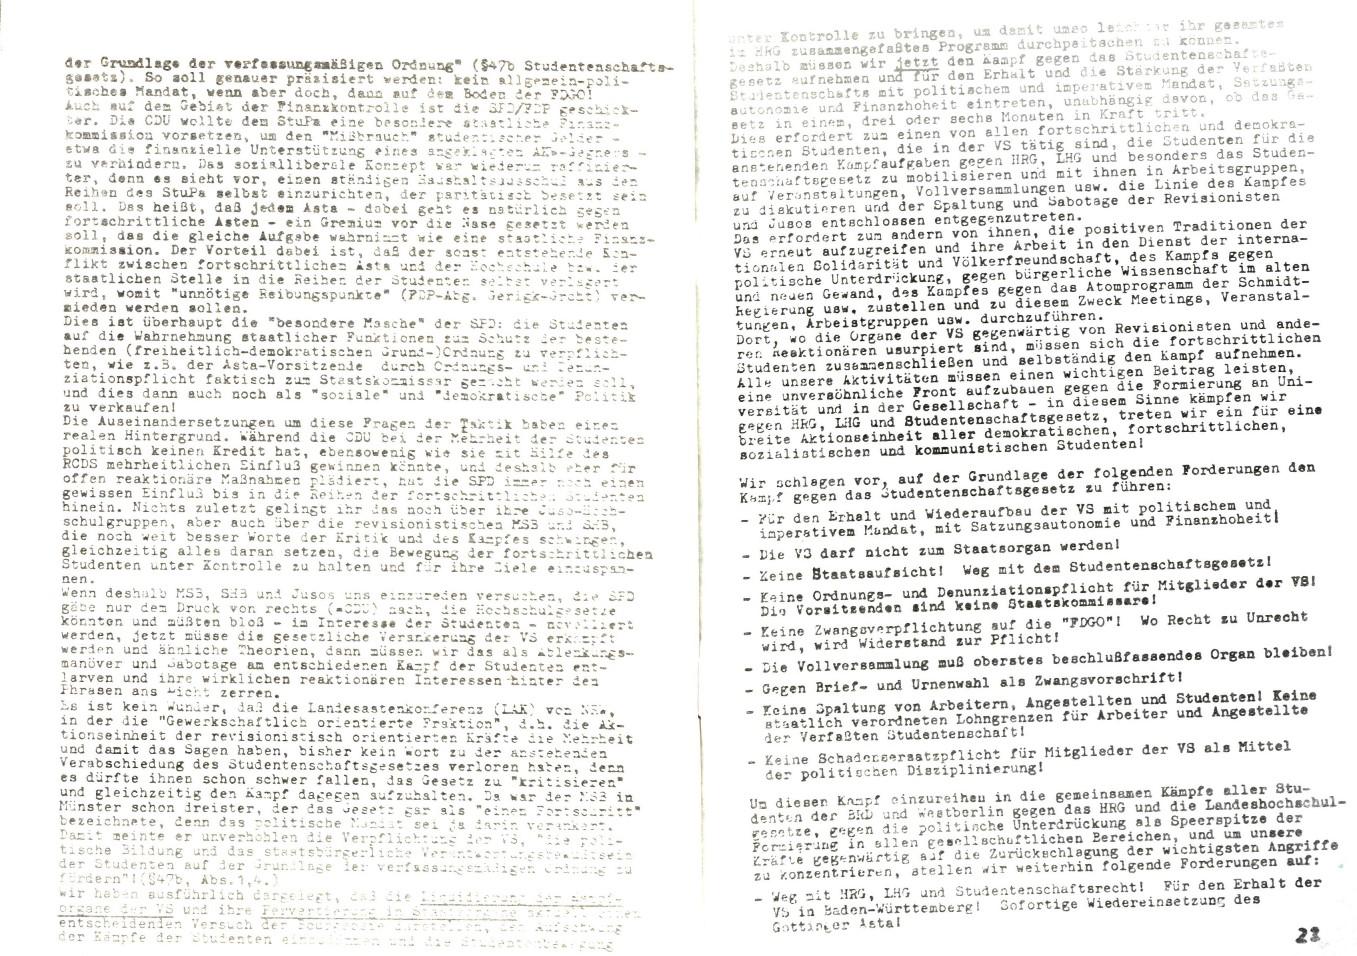 NRW_KSV_1977_Studentenschaftsgesetz_12